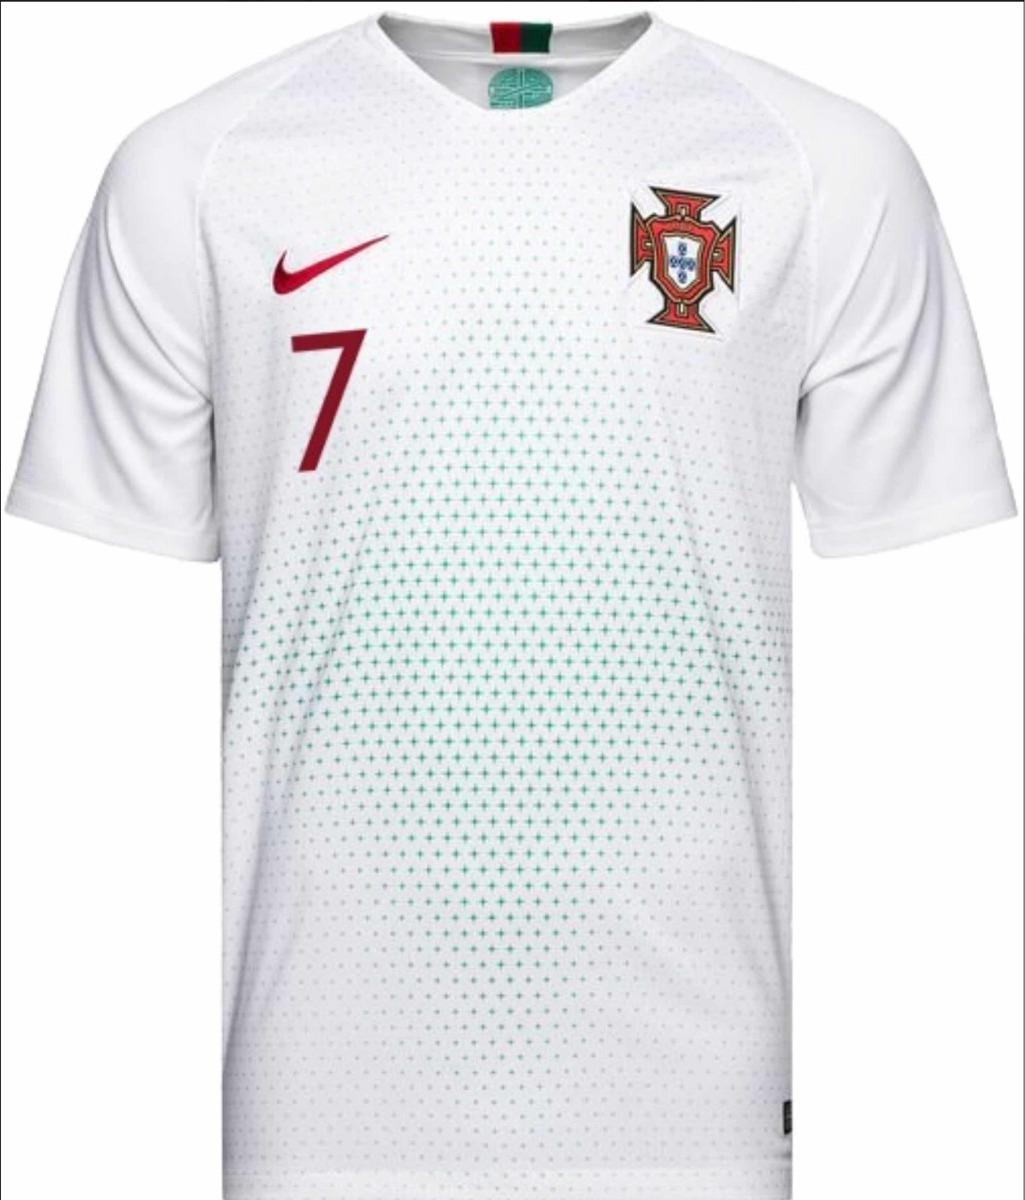 e7d3f93dd Camisa Seleção Portugal Original 2018 N7 Ronaldo P. Entrega - R$ 159 ...